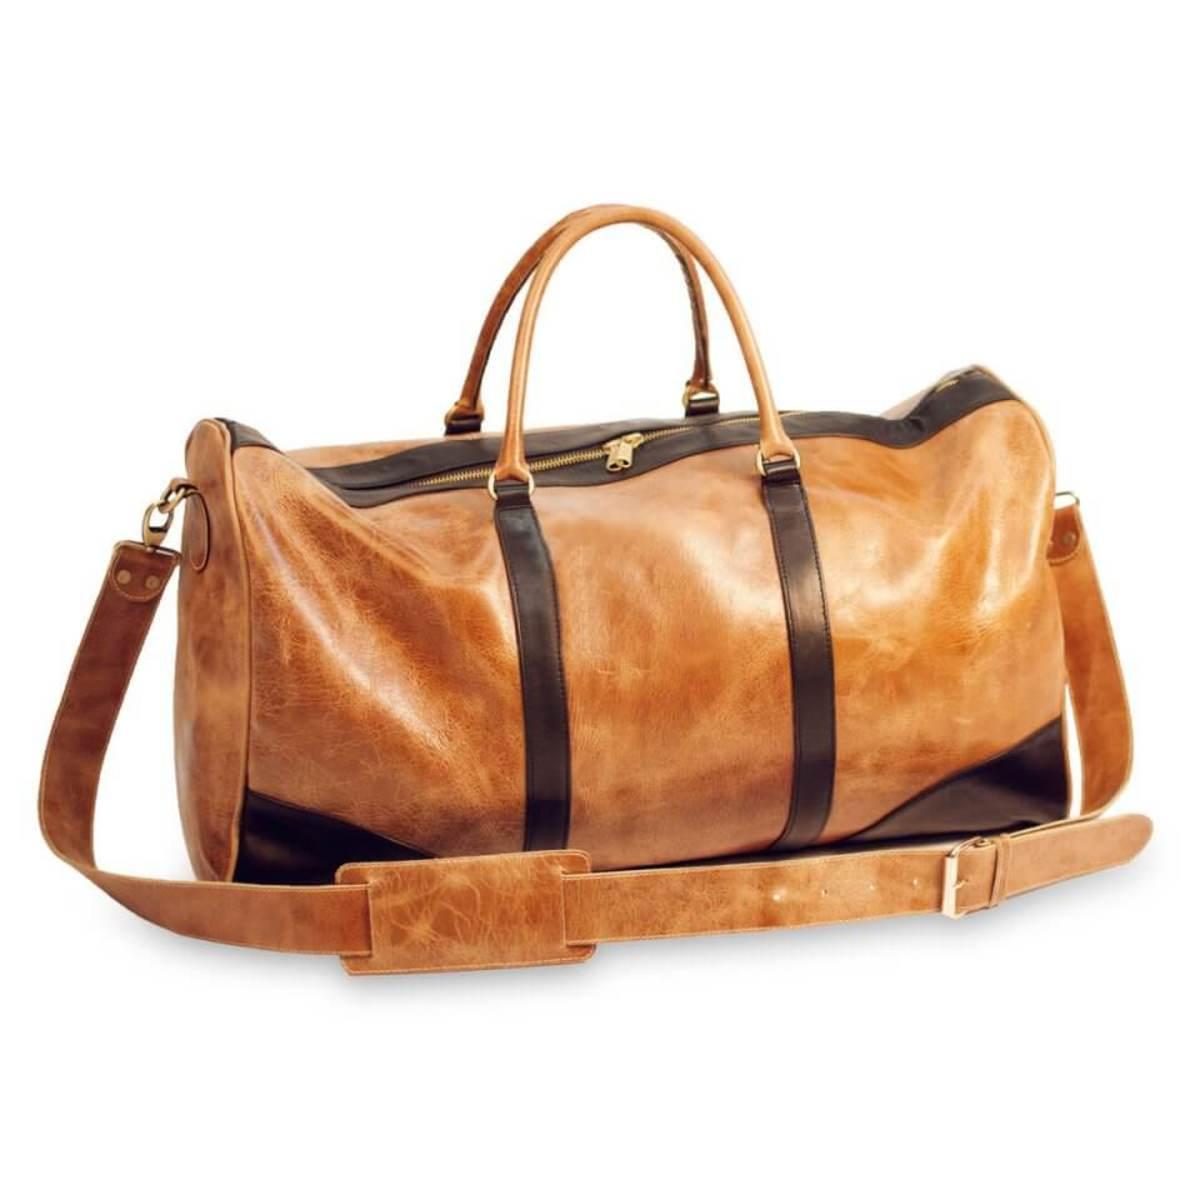 sseko designs duffel